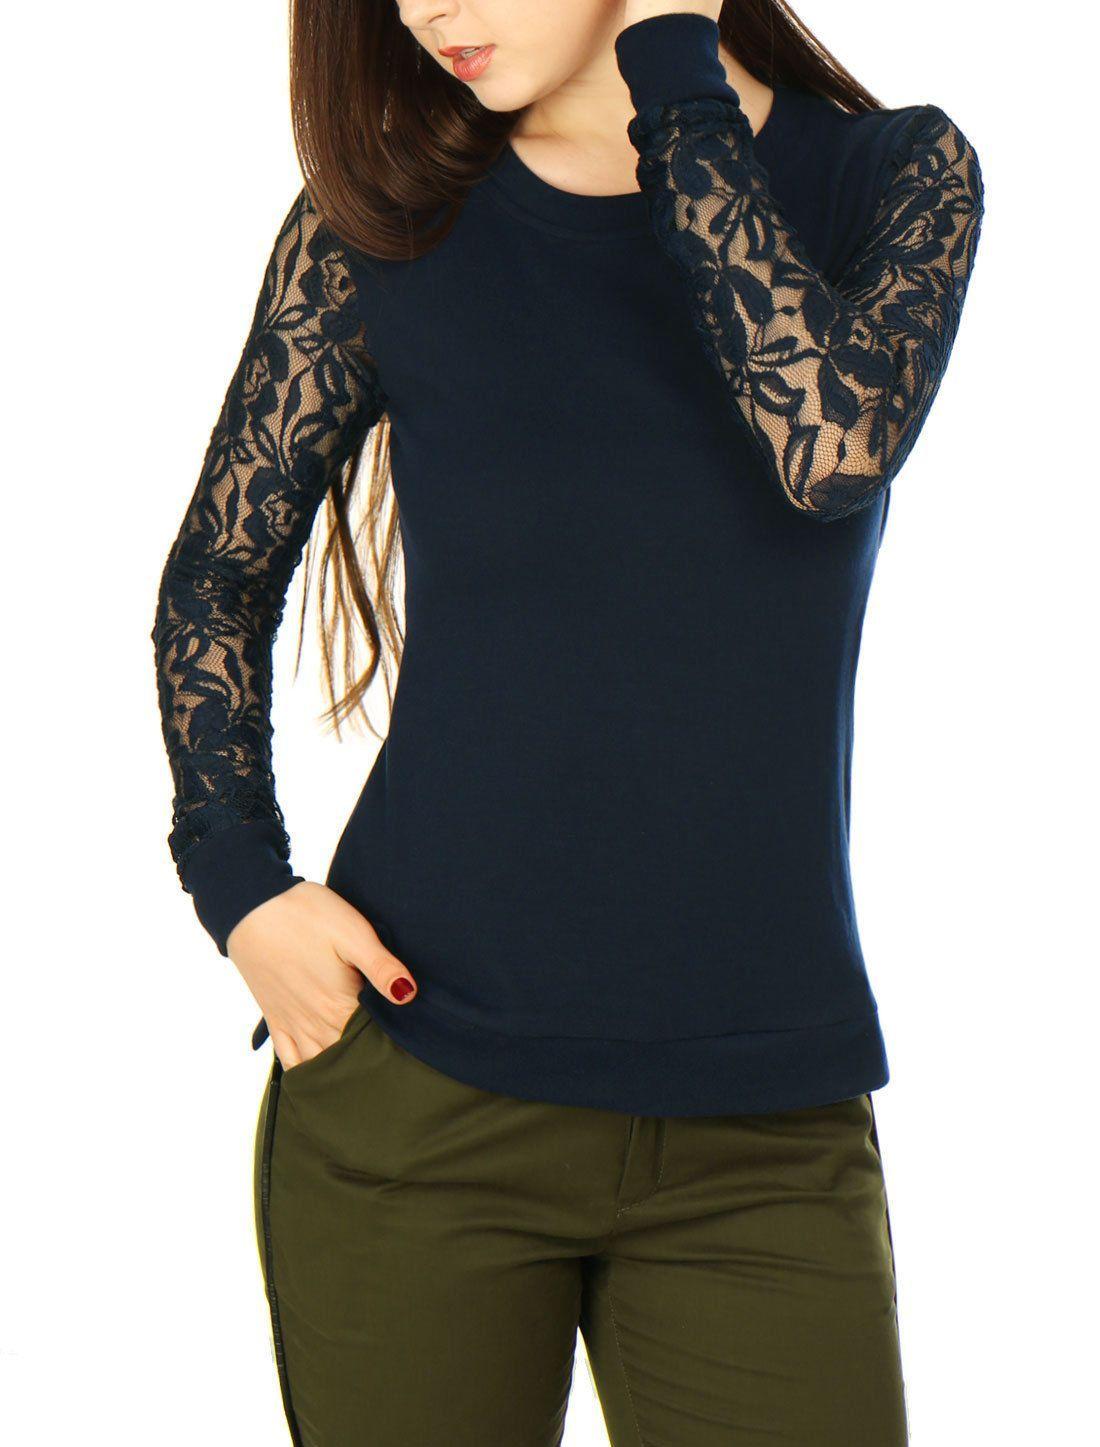 Allegra K Women Scoop Neck Side Slit Sheer Lace Sleeves Slim Fit Top